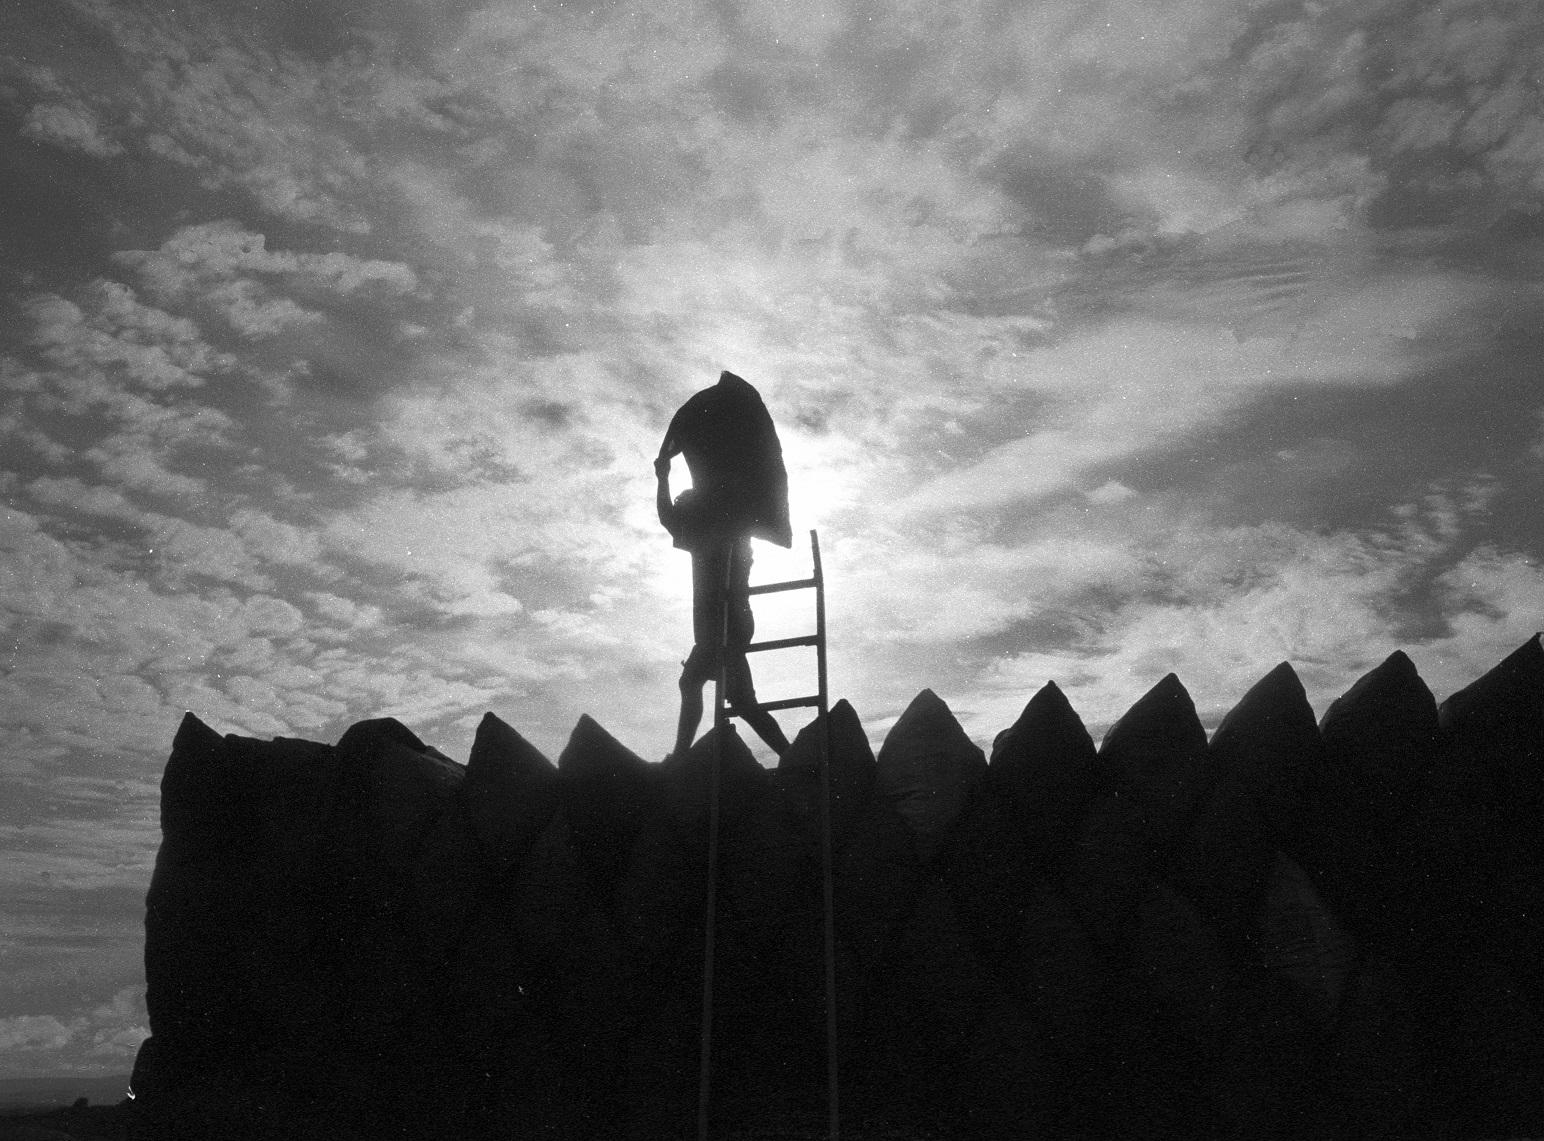 O perfil das vítimas de trabalho escravo demonstra que 45% dos trabalhadores maiores de 18 anos resgatados nunca possuíram um emprego formal antes. Foto João Roberto Ripper